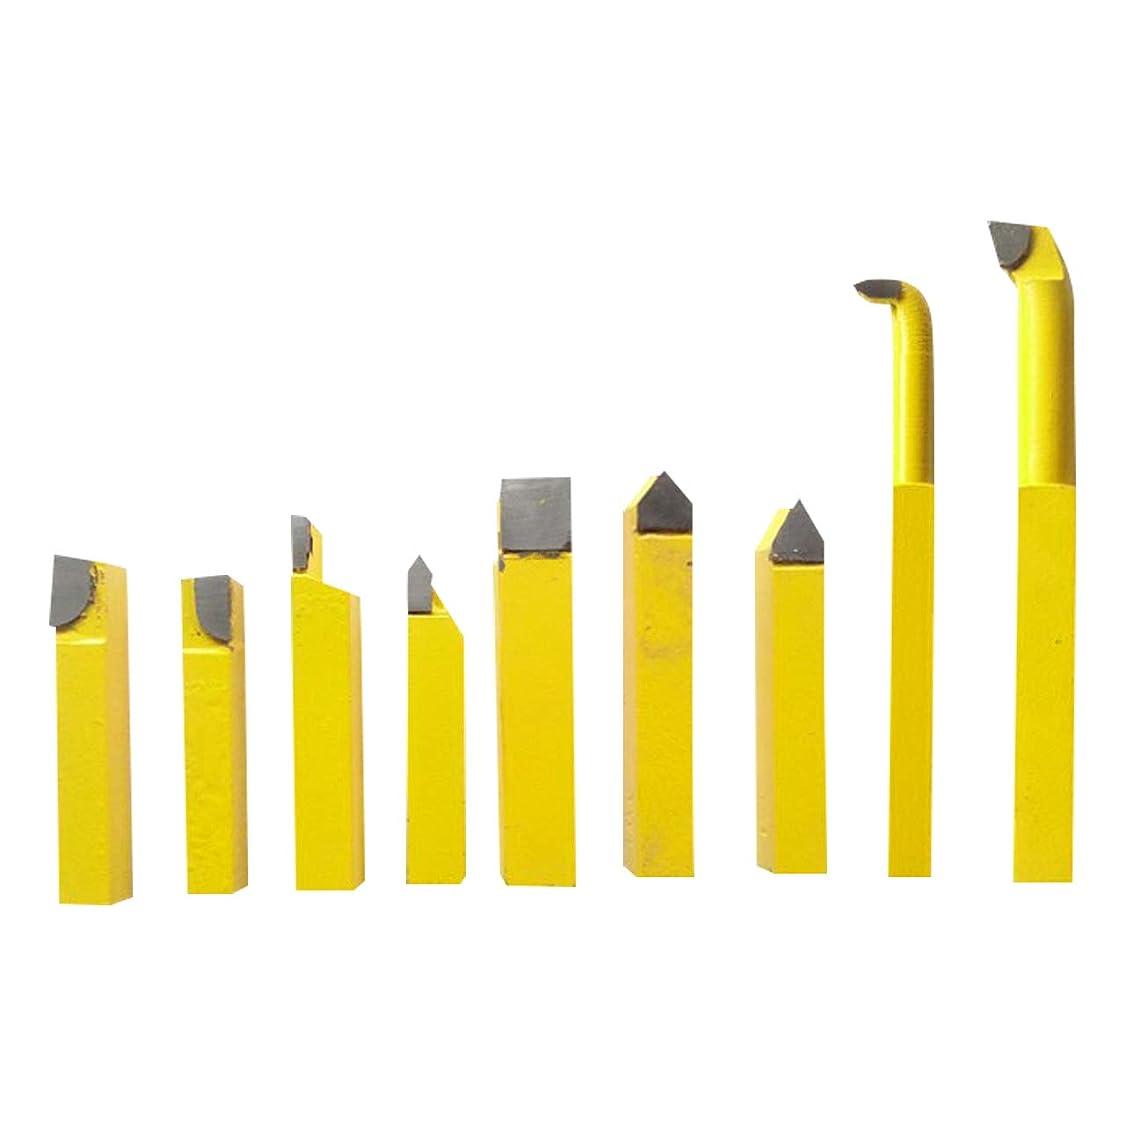 アラブマーキング会議フェリモア 小型旋盤 切削 バイト 鉄用 ミニサイズ ロウ付き 刃付きバイト 金属加工 使い分け (2点セット)